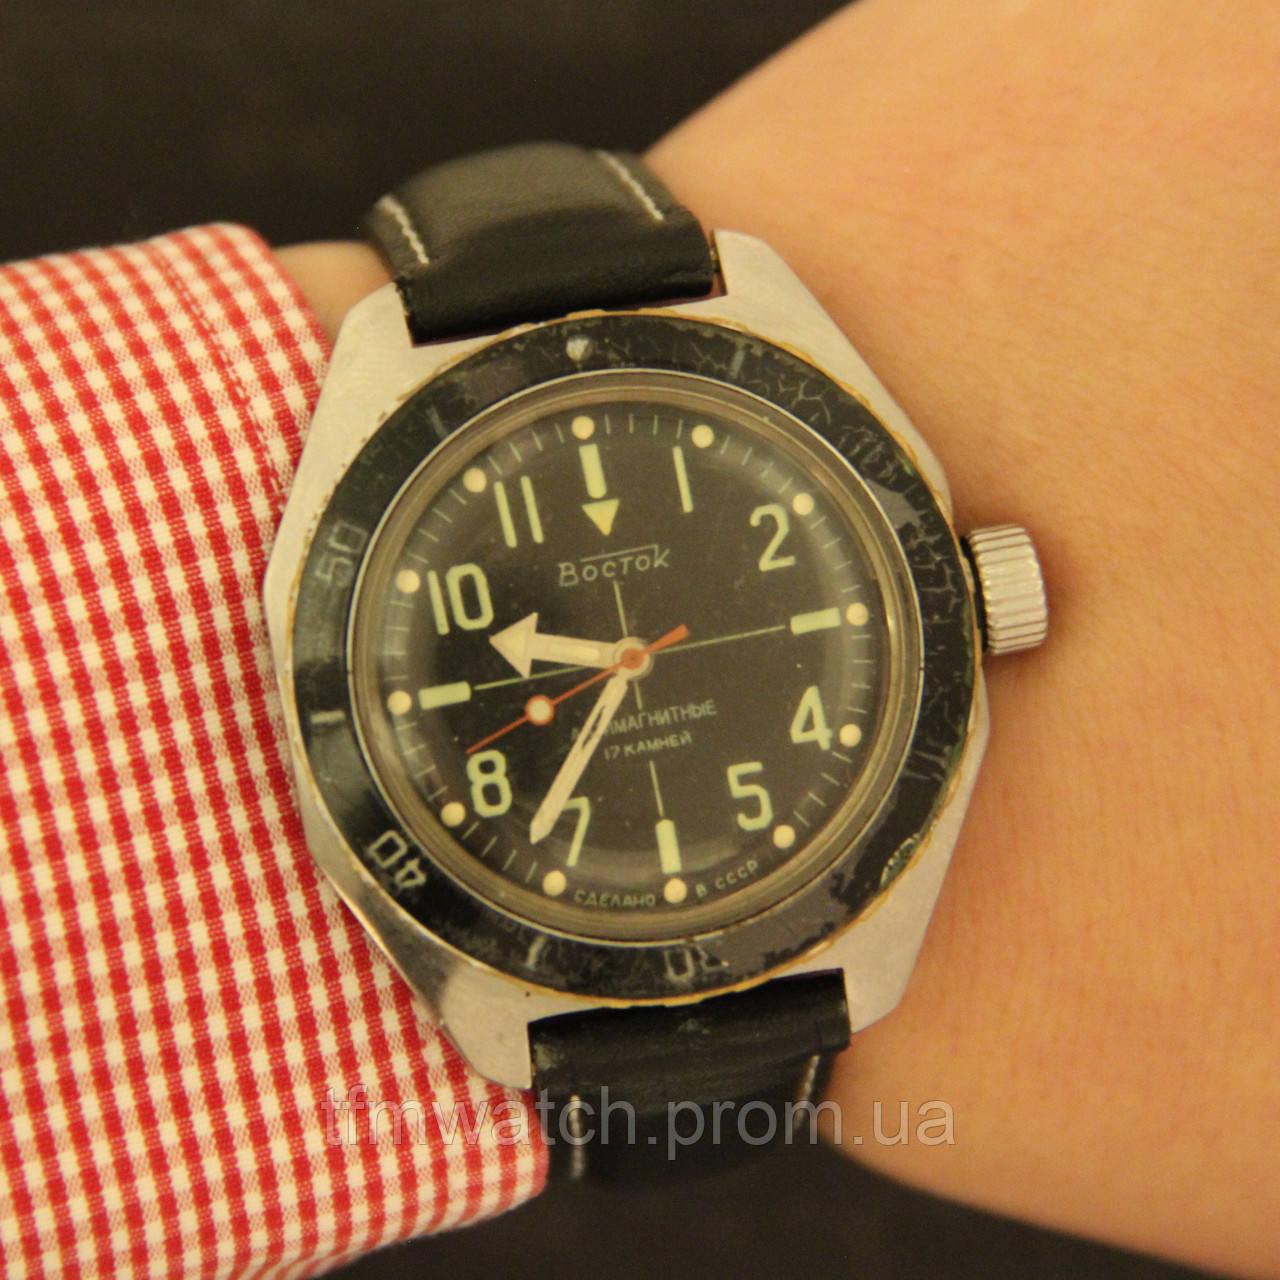 Амфибия продать часы час грузчики стоимость